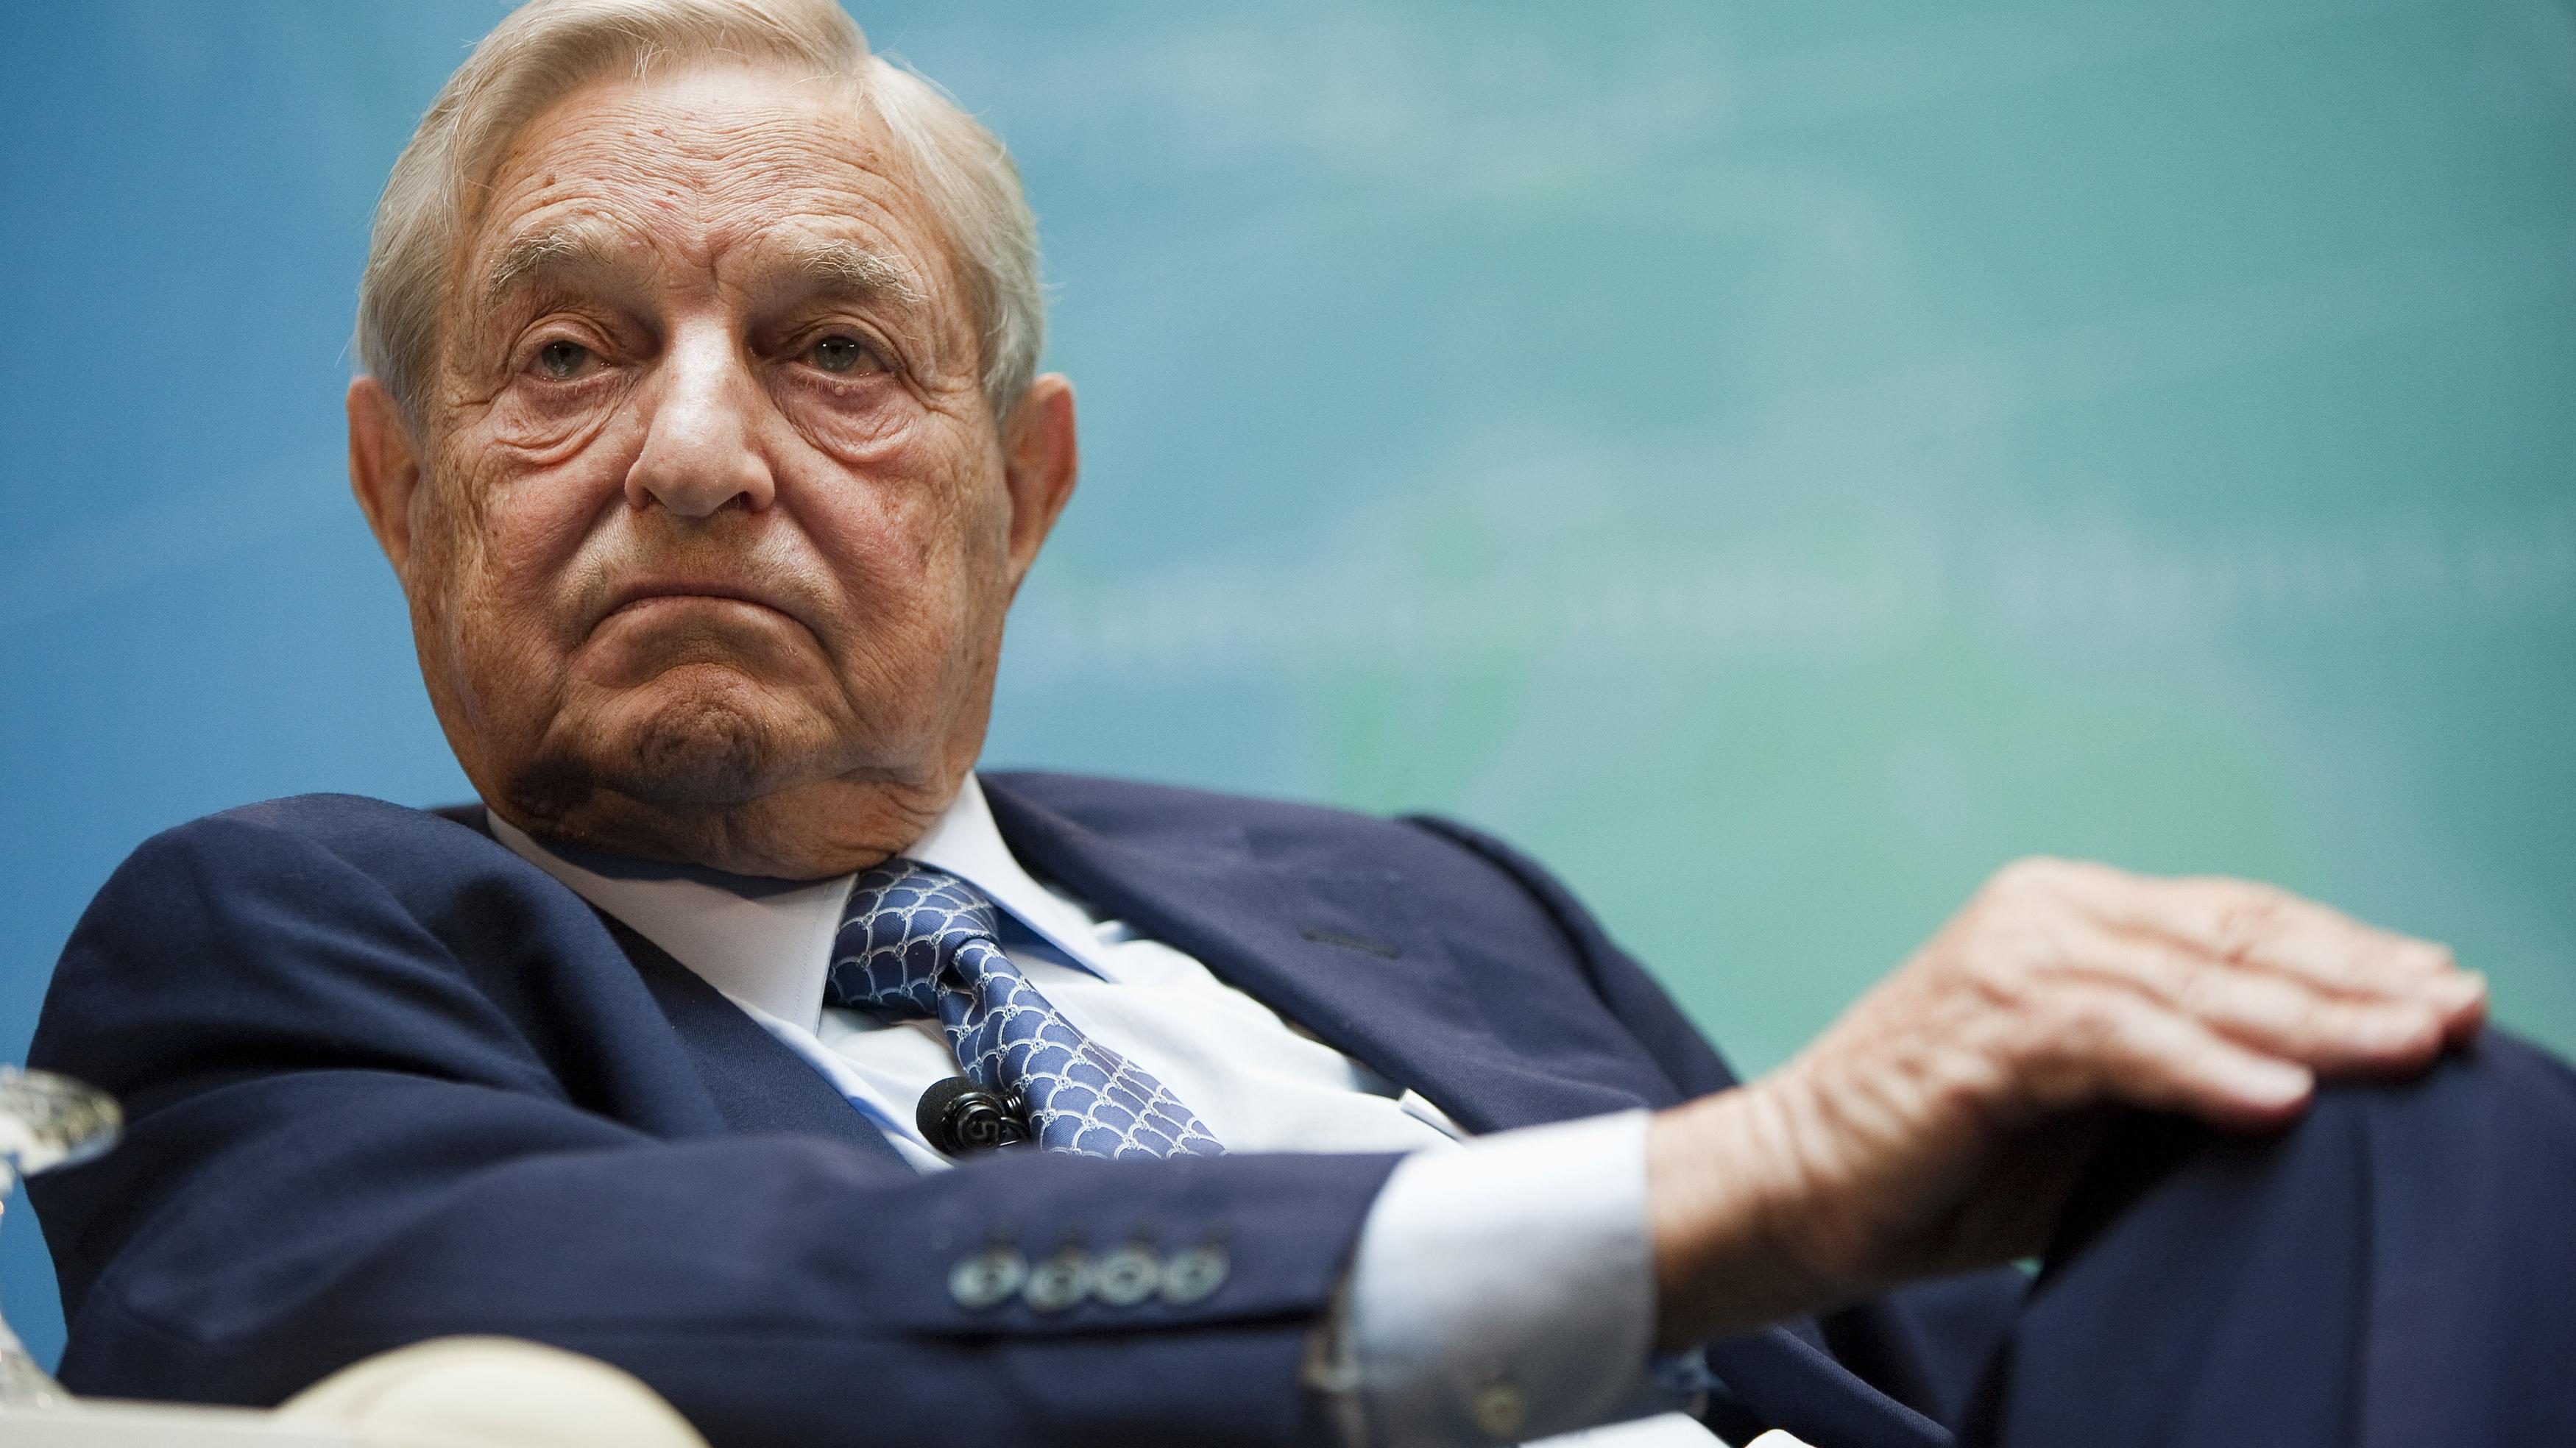 Soros contraatacă. Răspunsul dur al miliardardului după toate atacurile la adresa sa